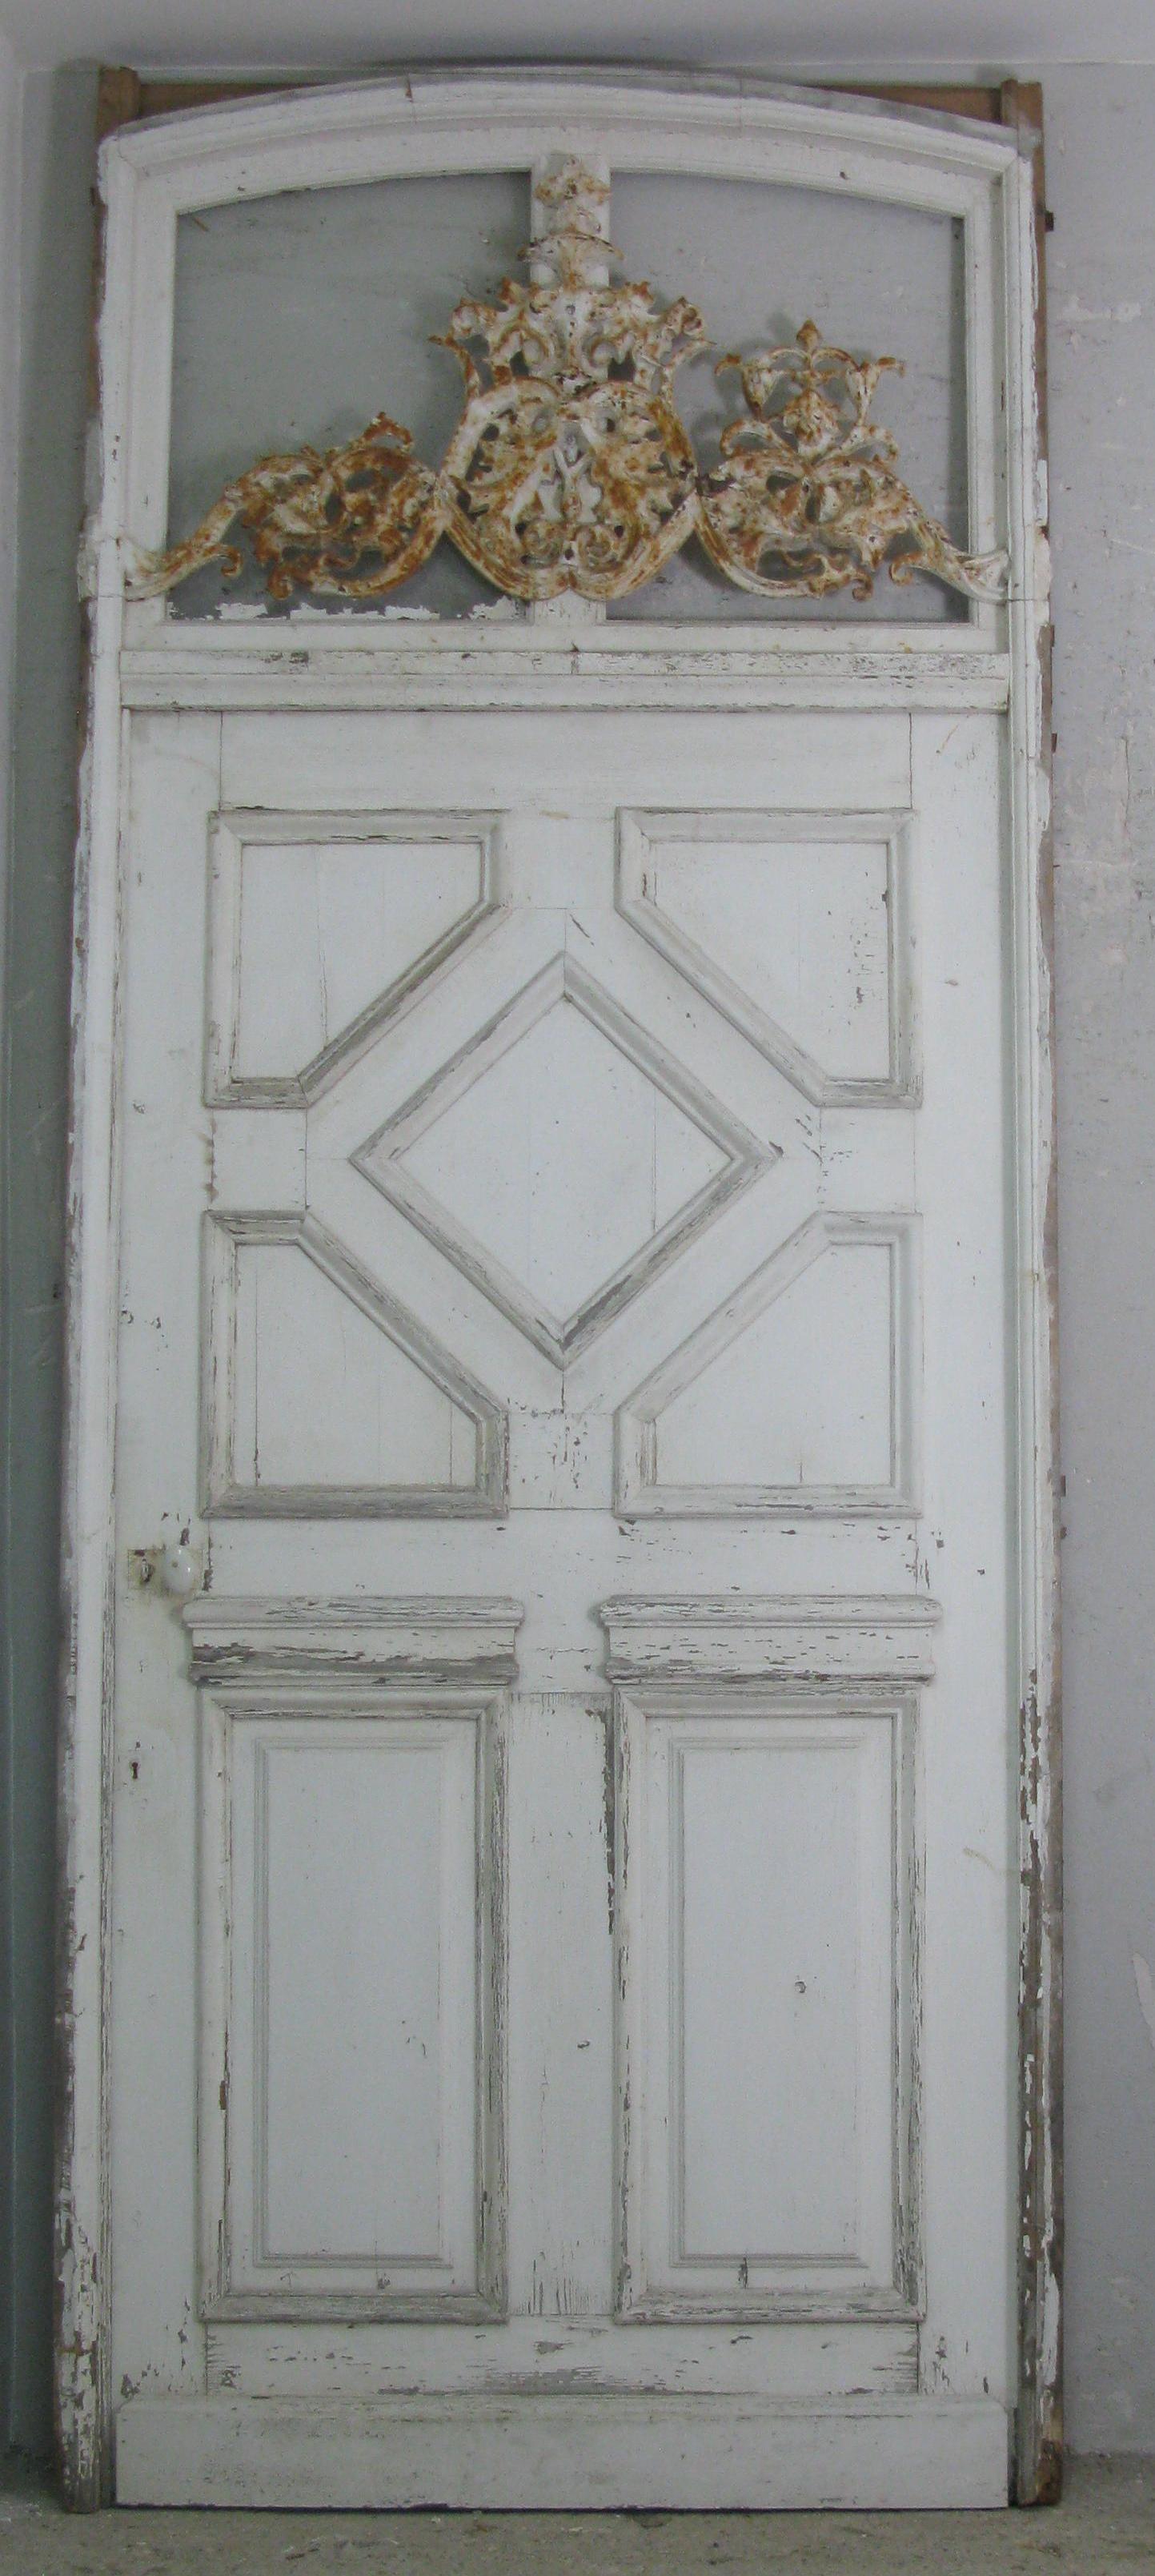 französische Schloss Tür mit Rahmen und Gusseisen Ornament im Oberlicht